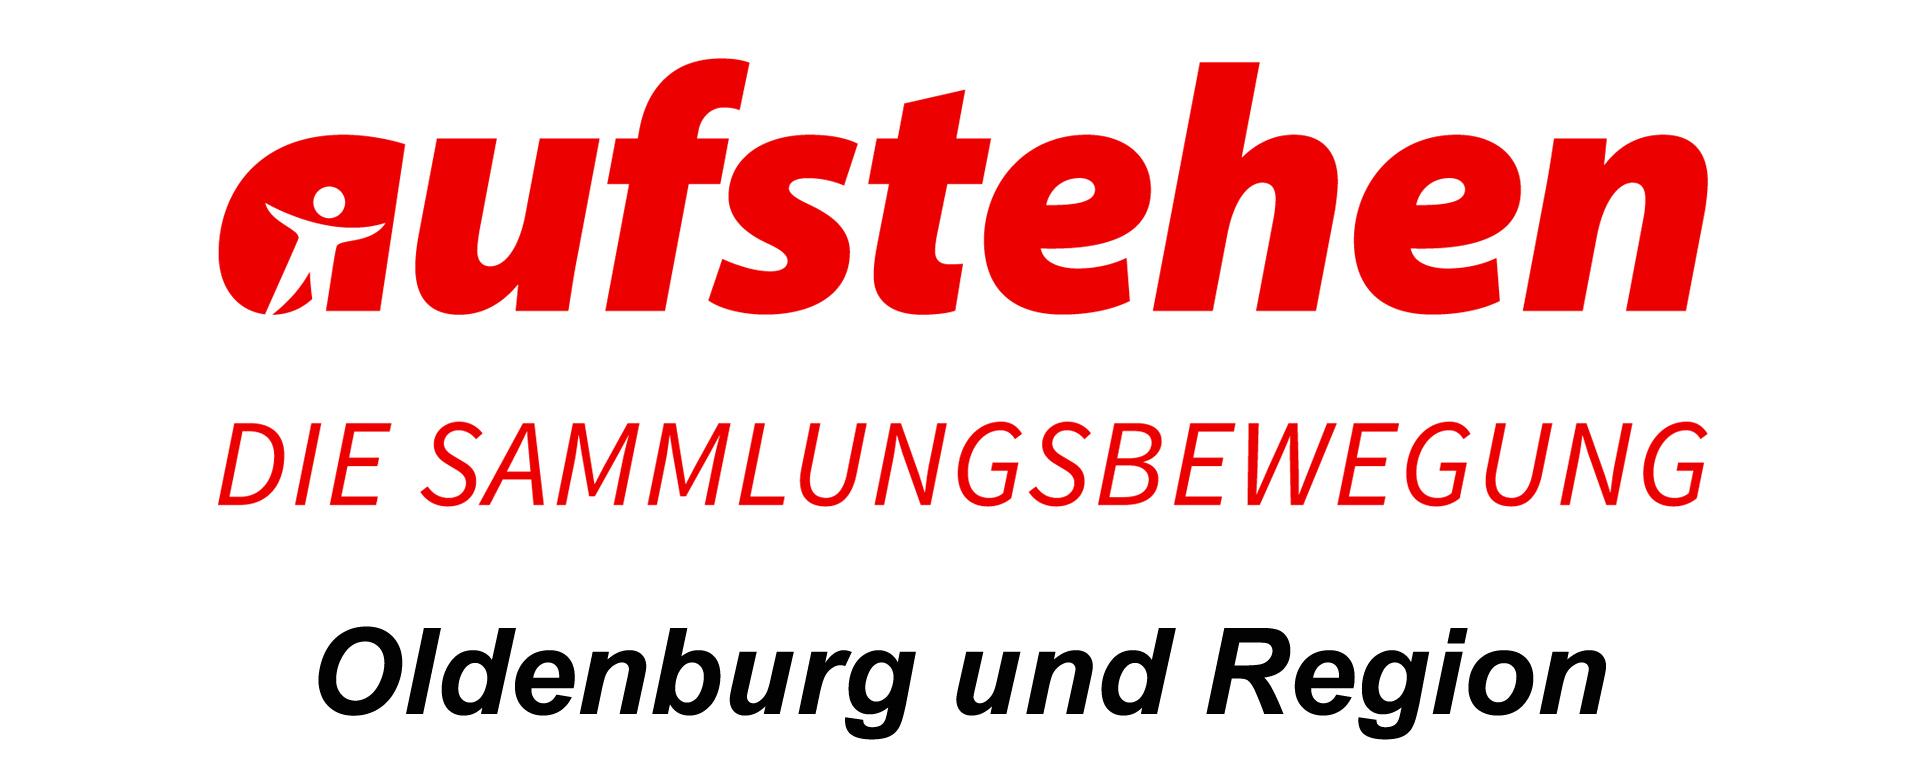 Bild zu Aufstehen -Die Sammlungsbewegung Oldenburg und Region